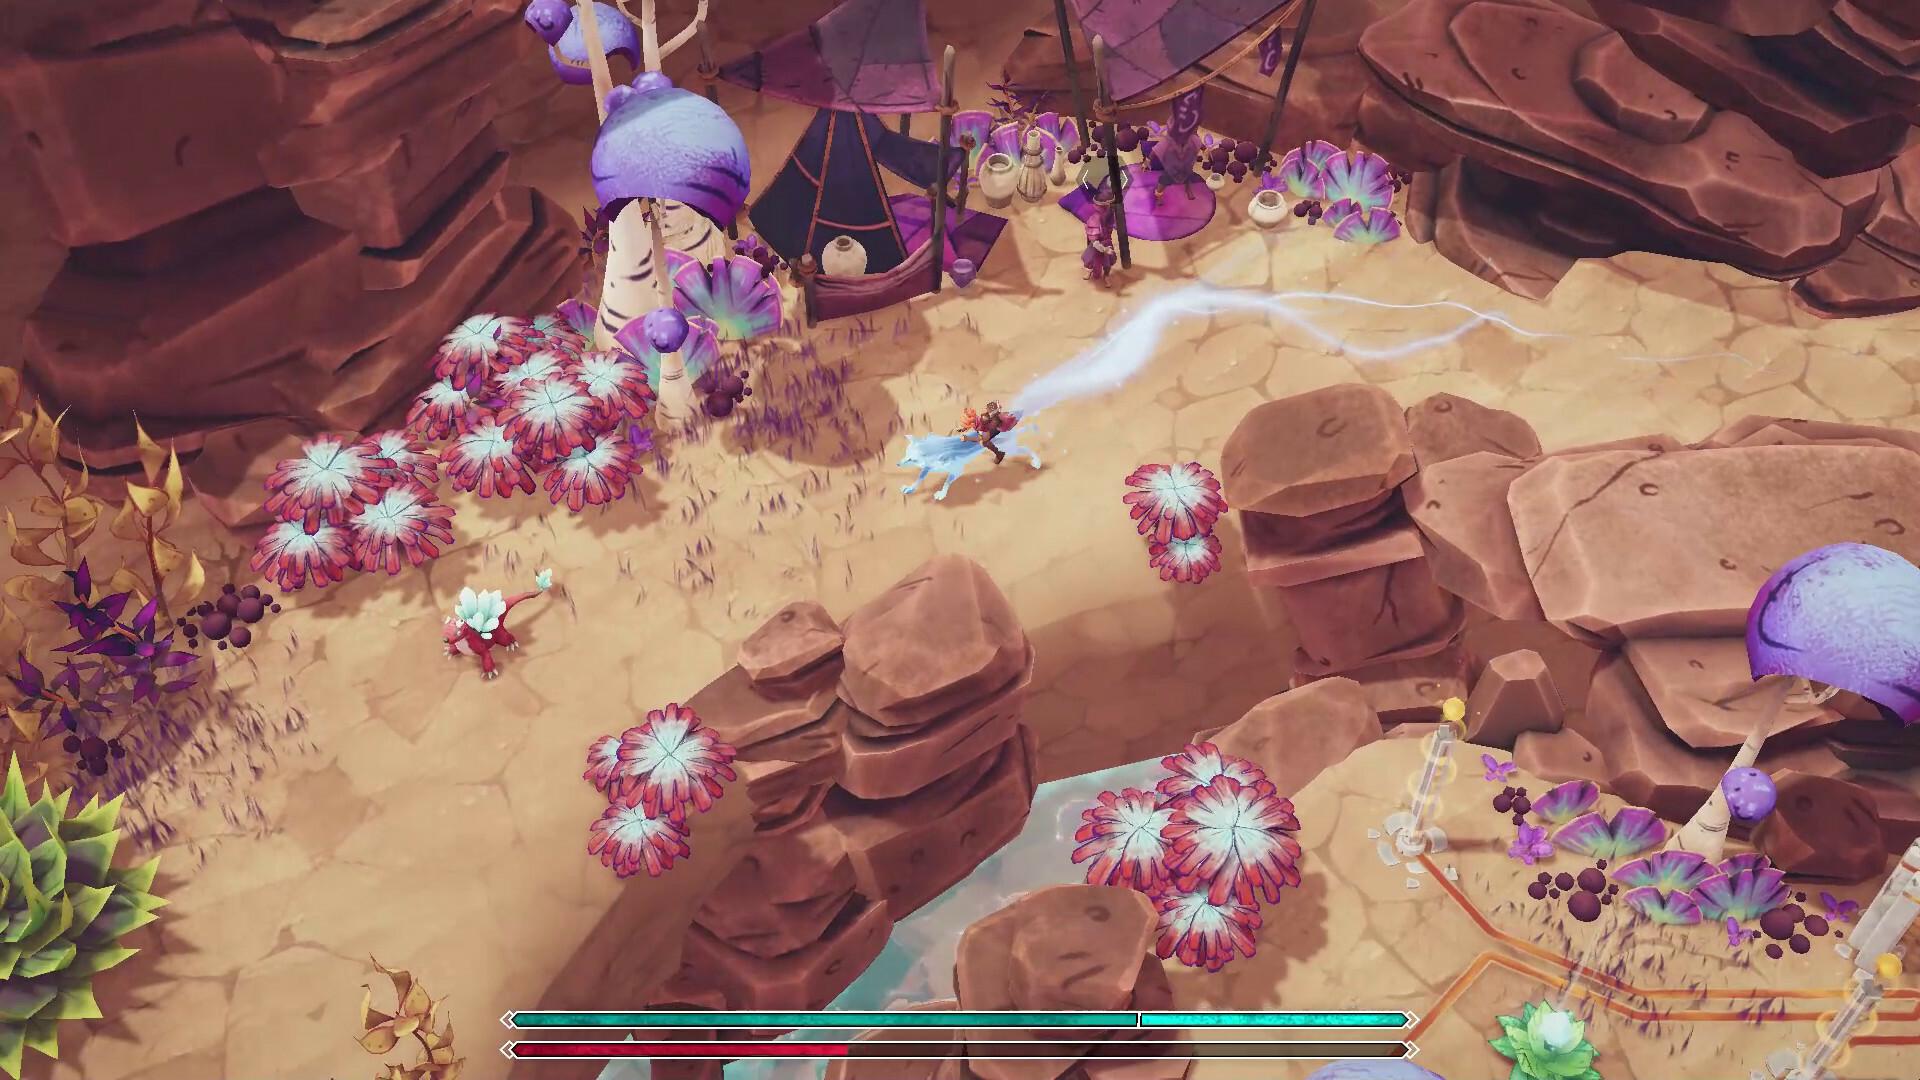 nanotale-pc-screenshot-1